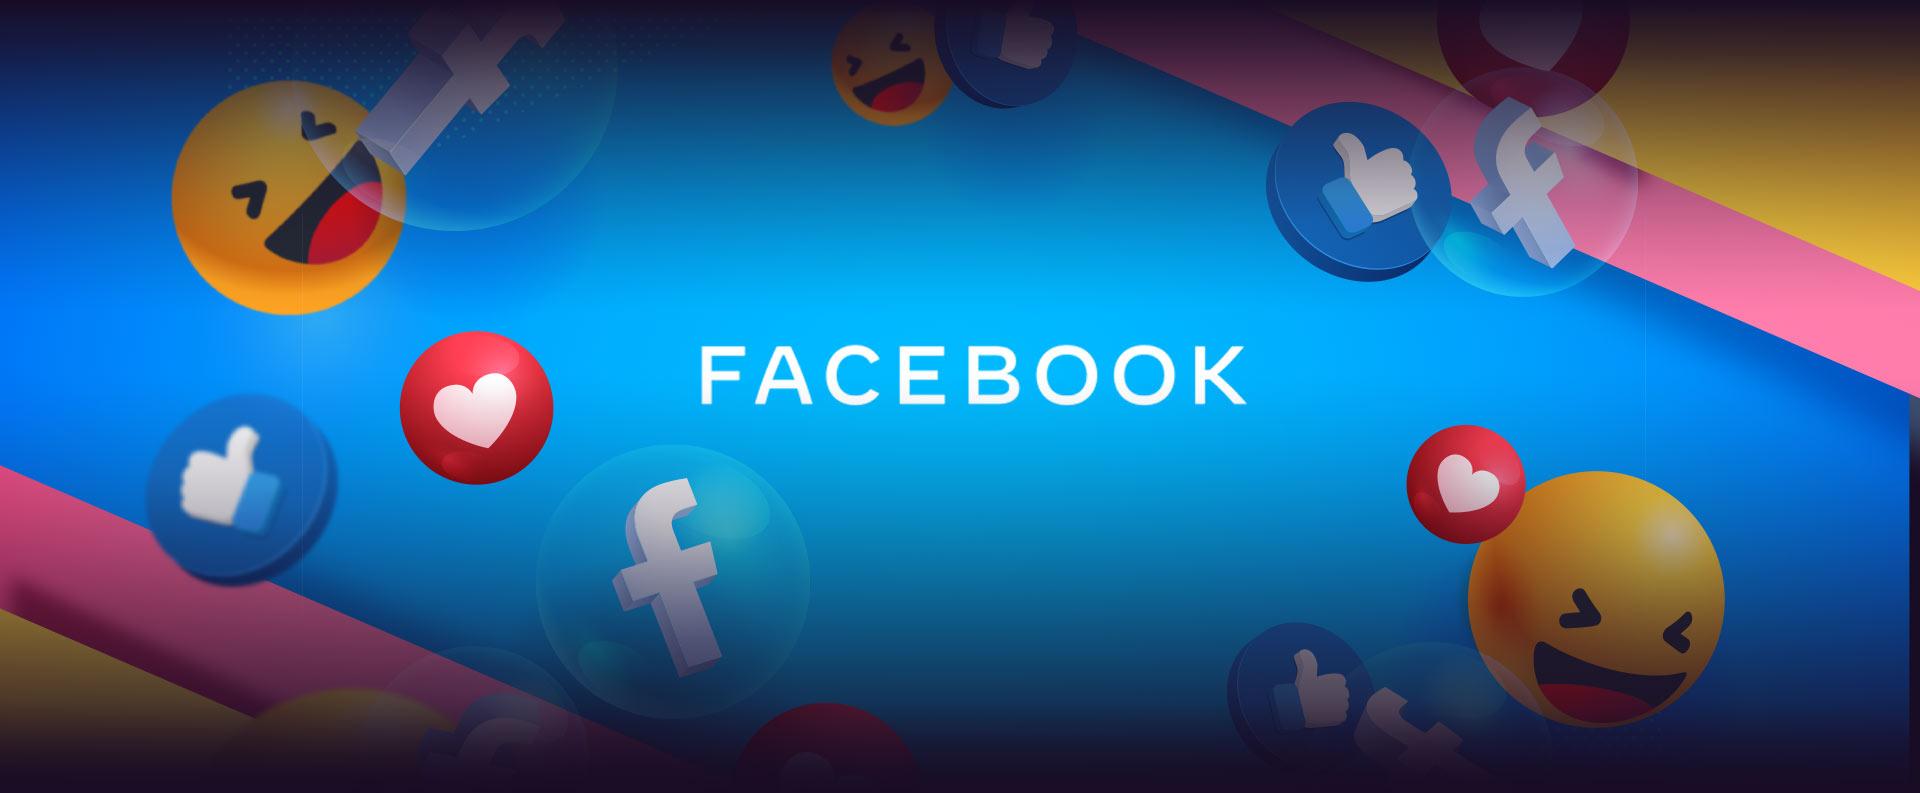 facebook_partenaire_des_chatons_dor